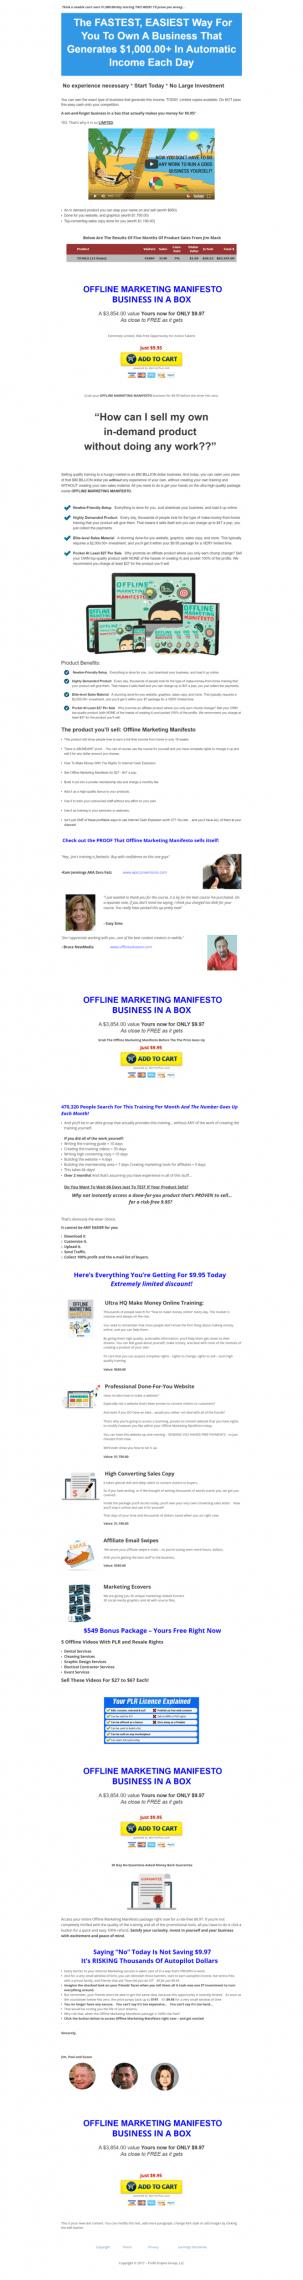 教你如何拥有一家每天自动产生$1000美元以上收入的公司 - 最快、最简单的方法(Offline Marketing Business In A Box PLR)